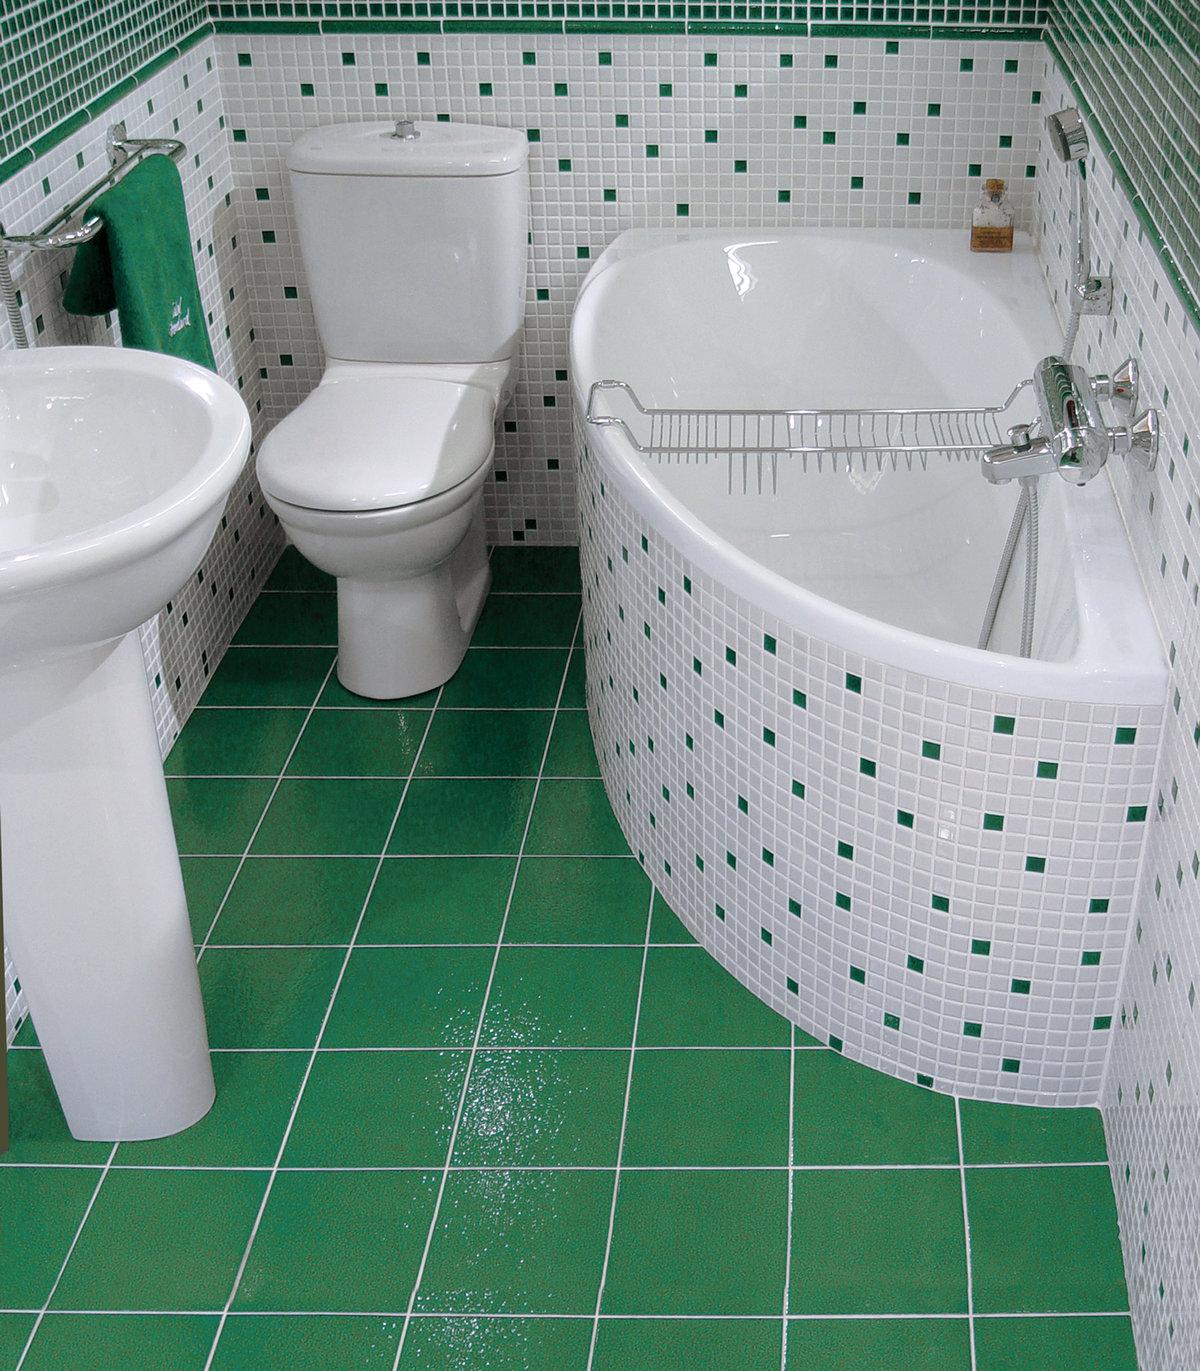 Стоит ли совмещать санузел при ремонте квартиры: мнение дизайнеров